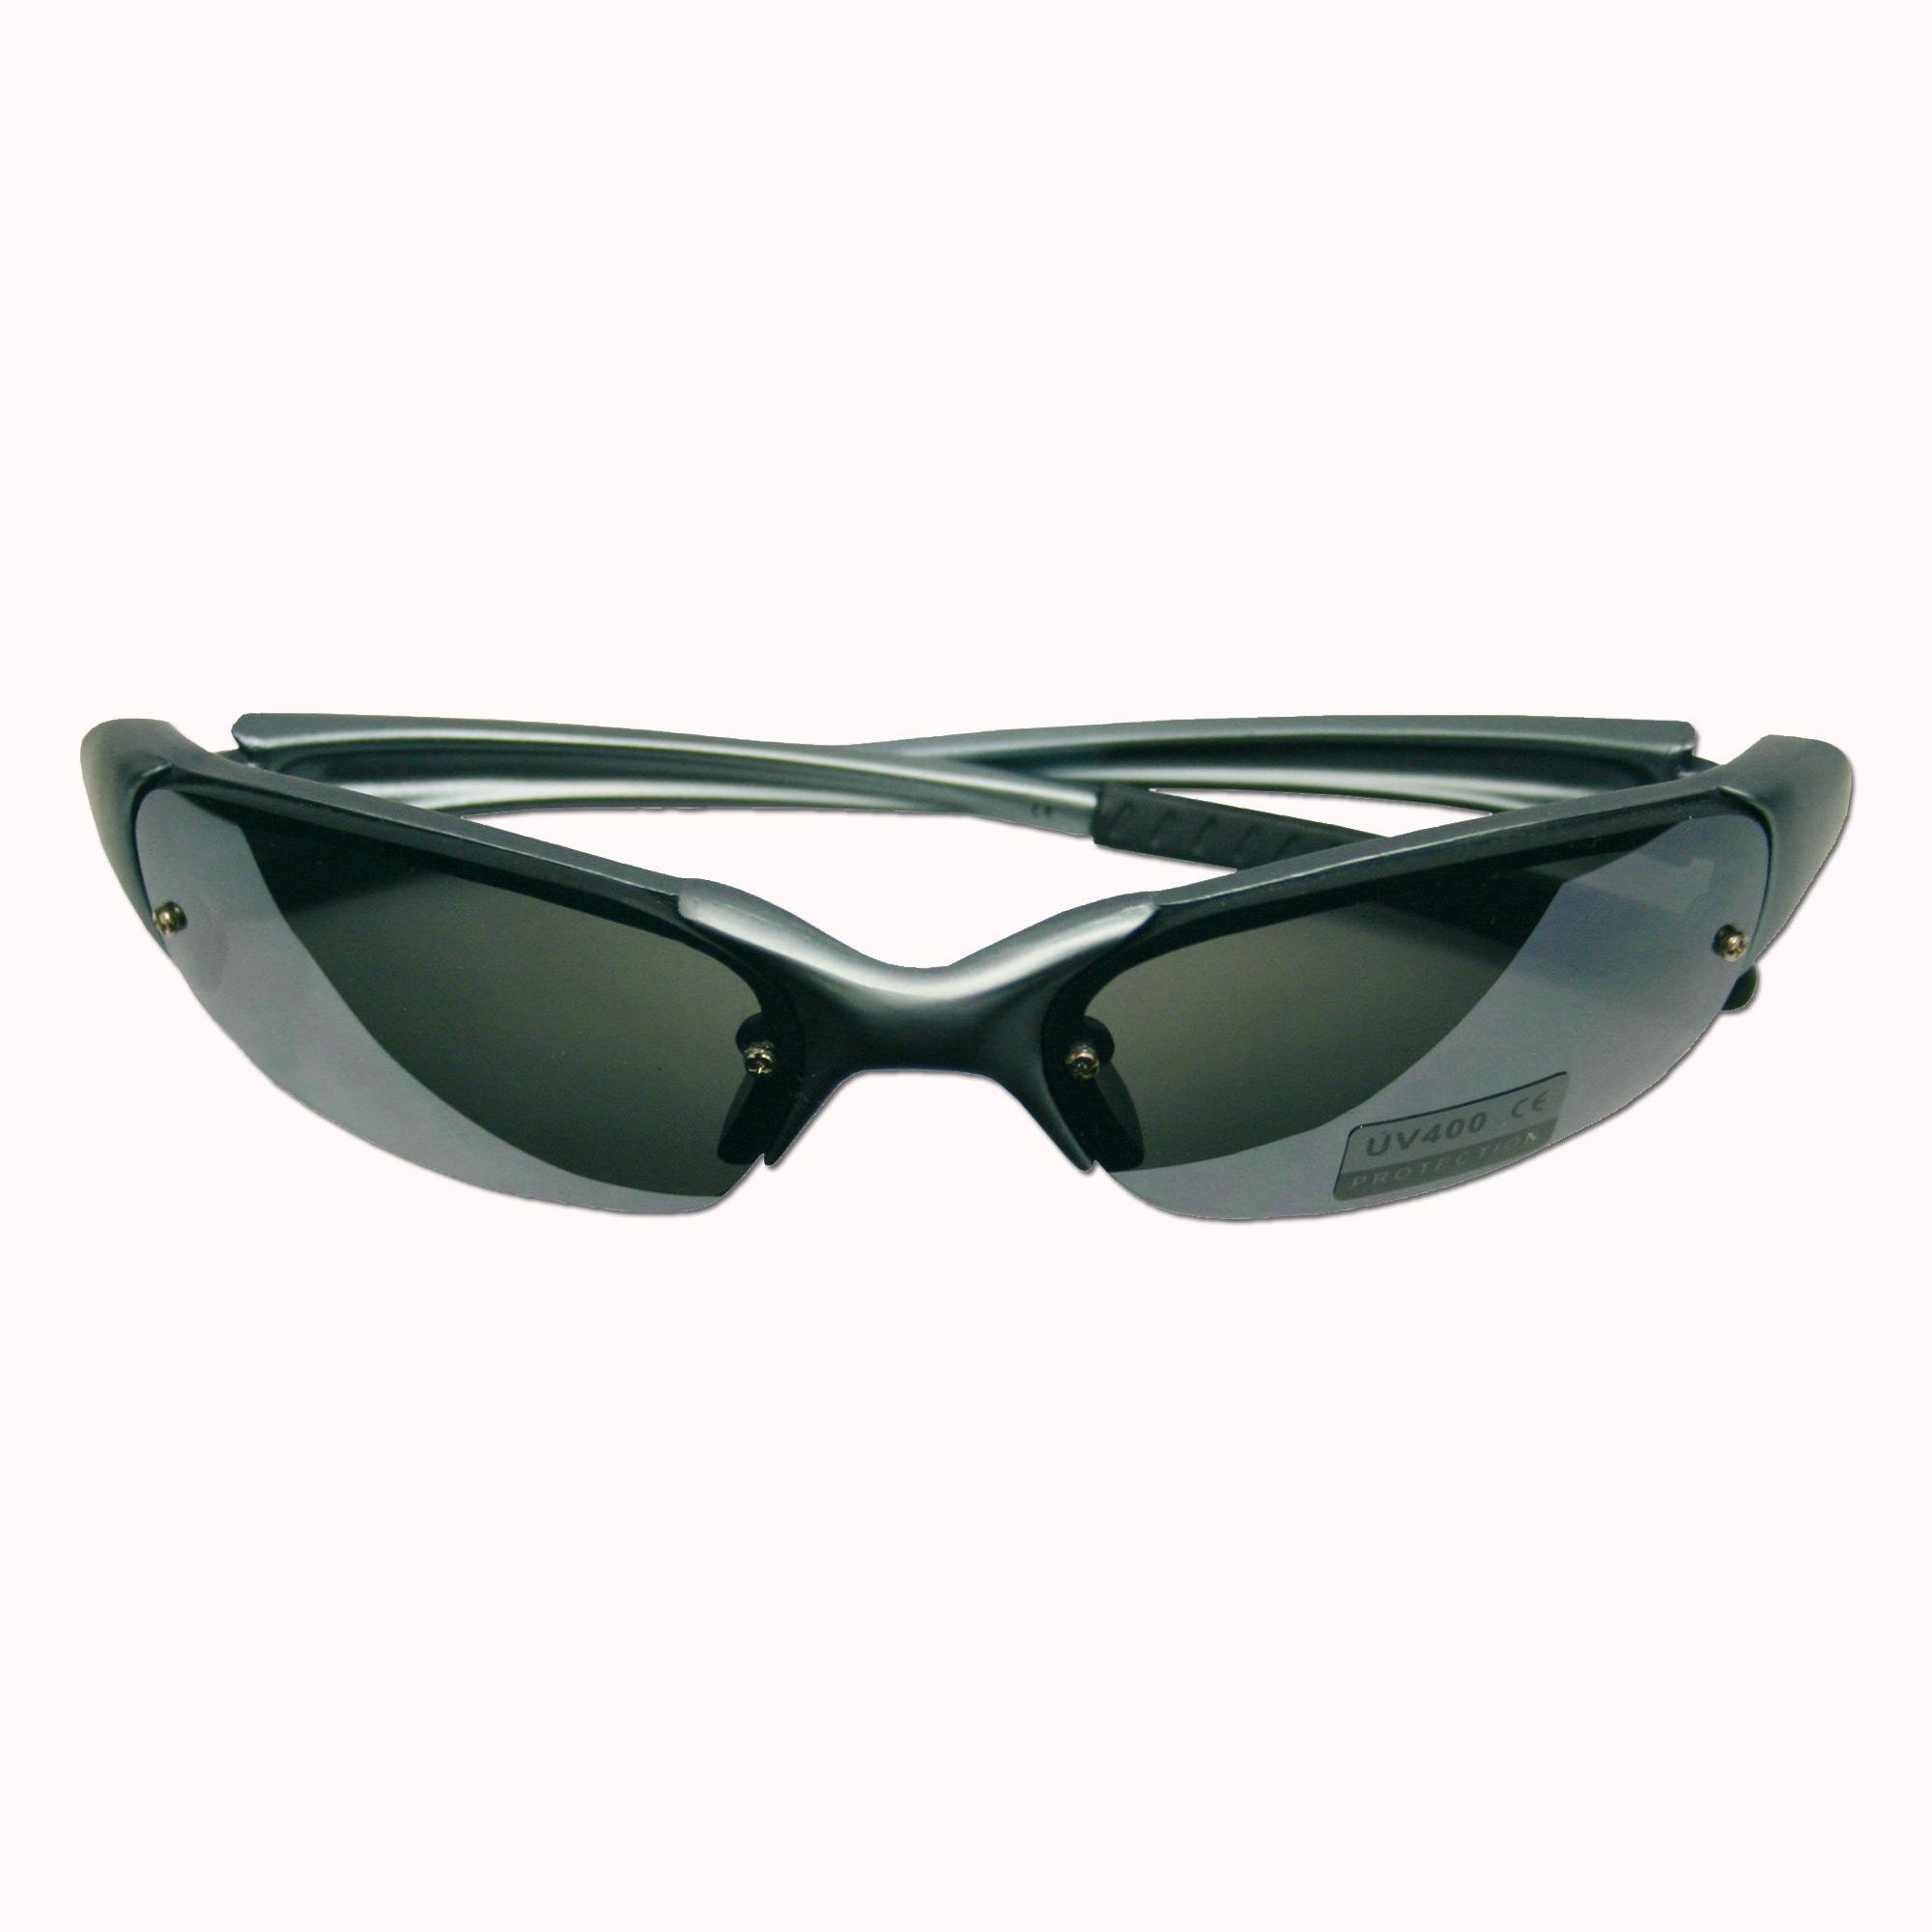 Sonnenbrille Fox Outdoor Trend